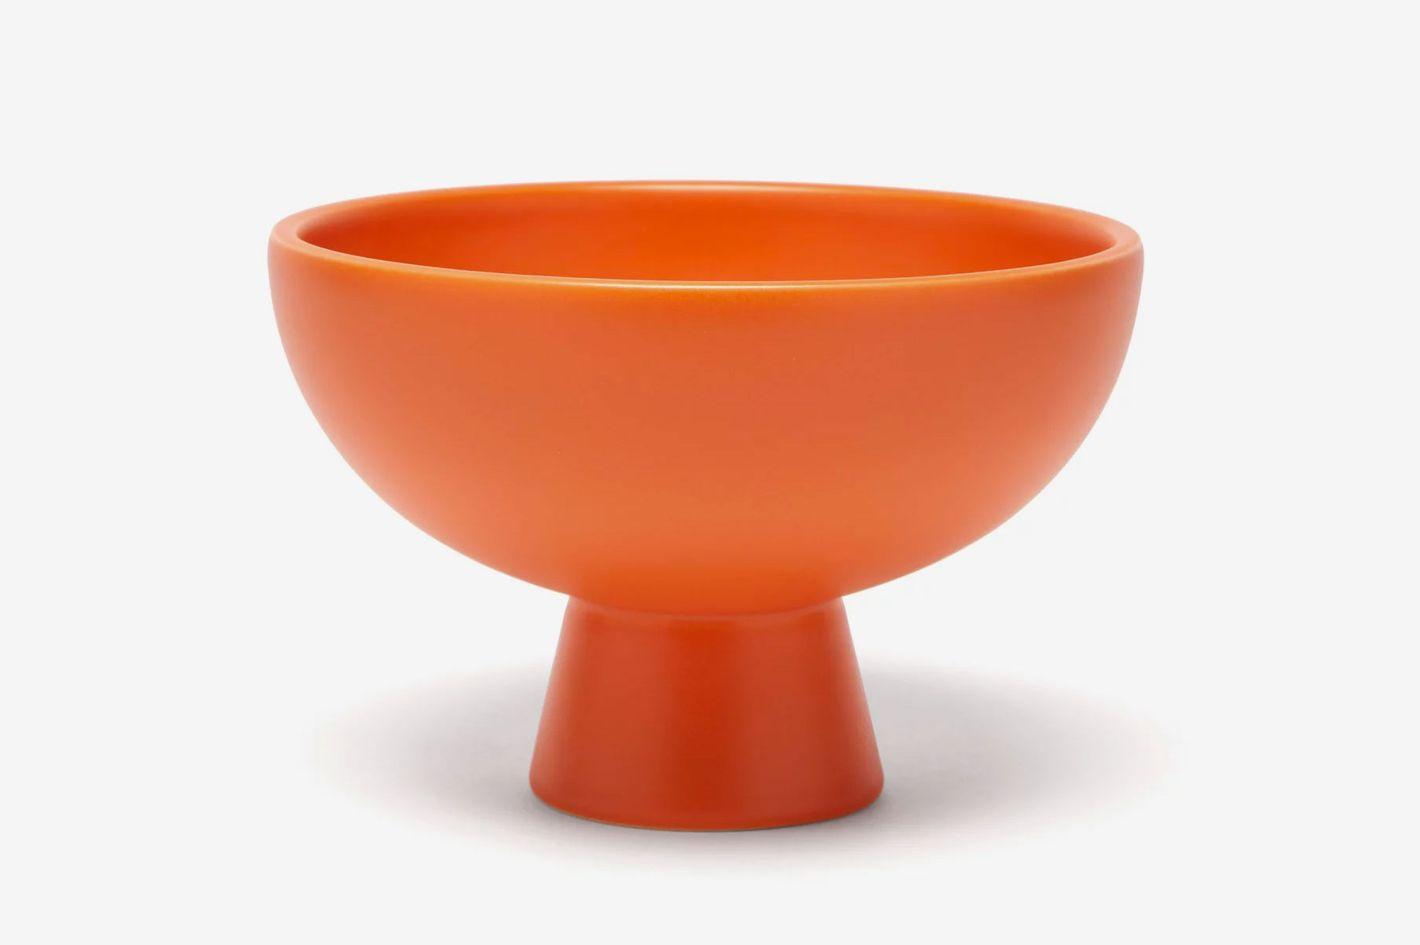 Raawii Strøm small ceramic bowl